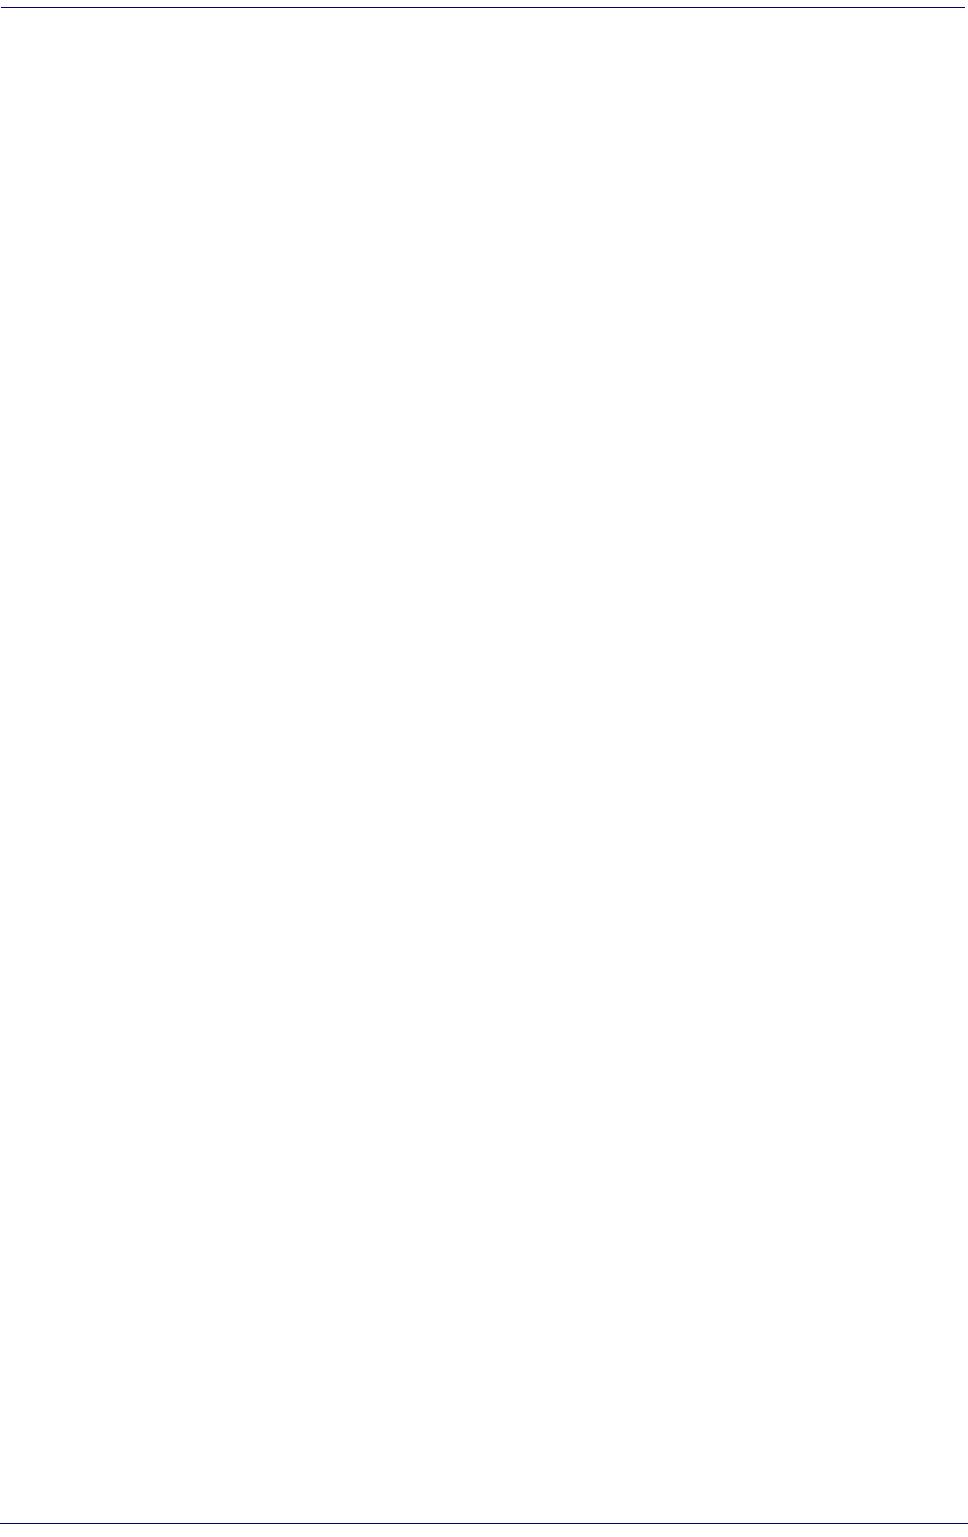 Bedienungsanleitung Datalogic PowerScan PM9500 (Seite 1 von